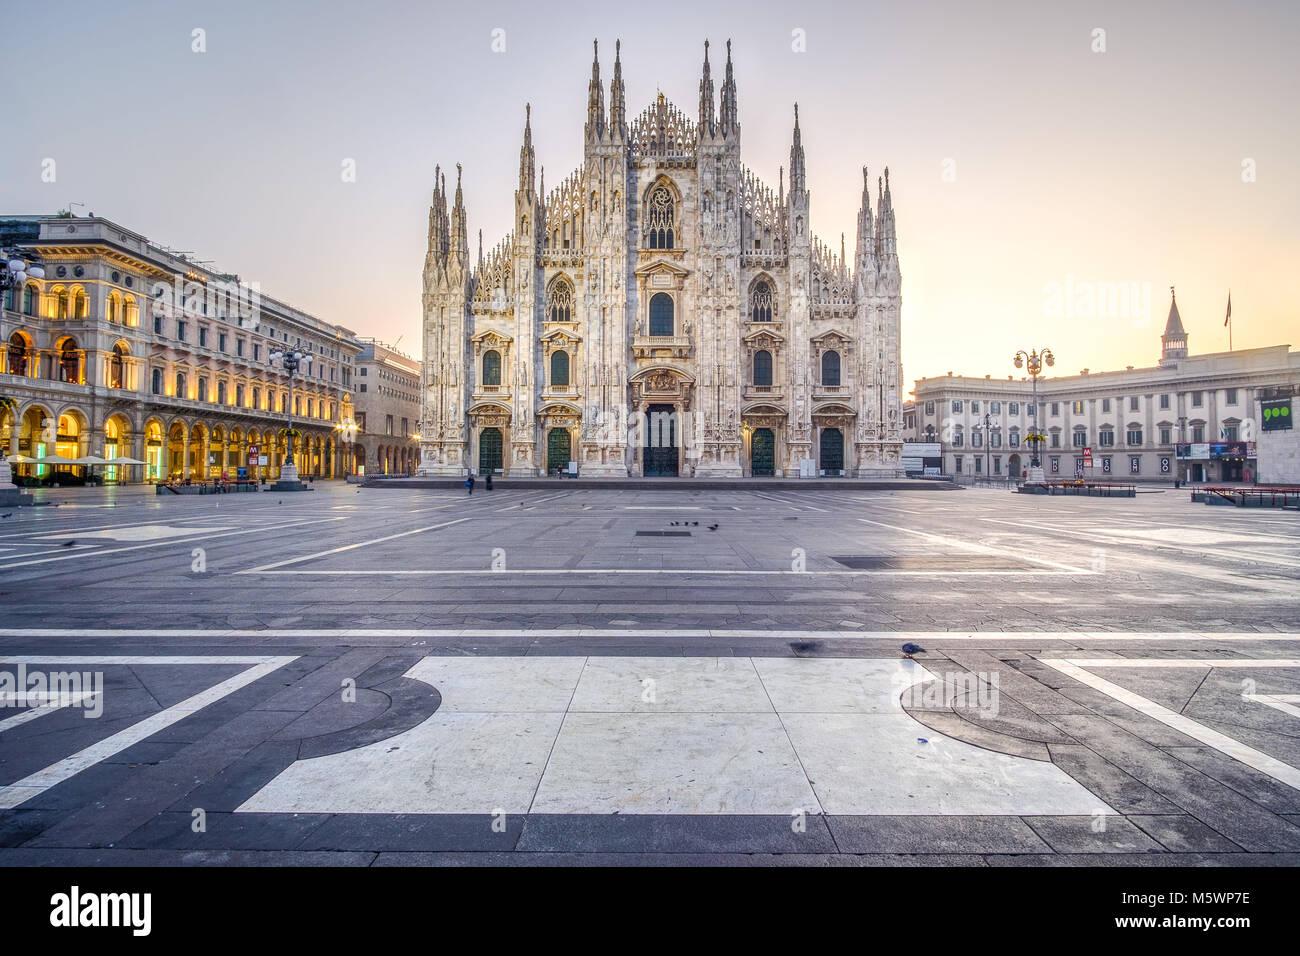 Lever du soleil sur la Piazza del Duomo à Milan, Italie. Décembre 2017. Photo Stock